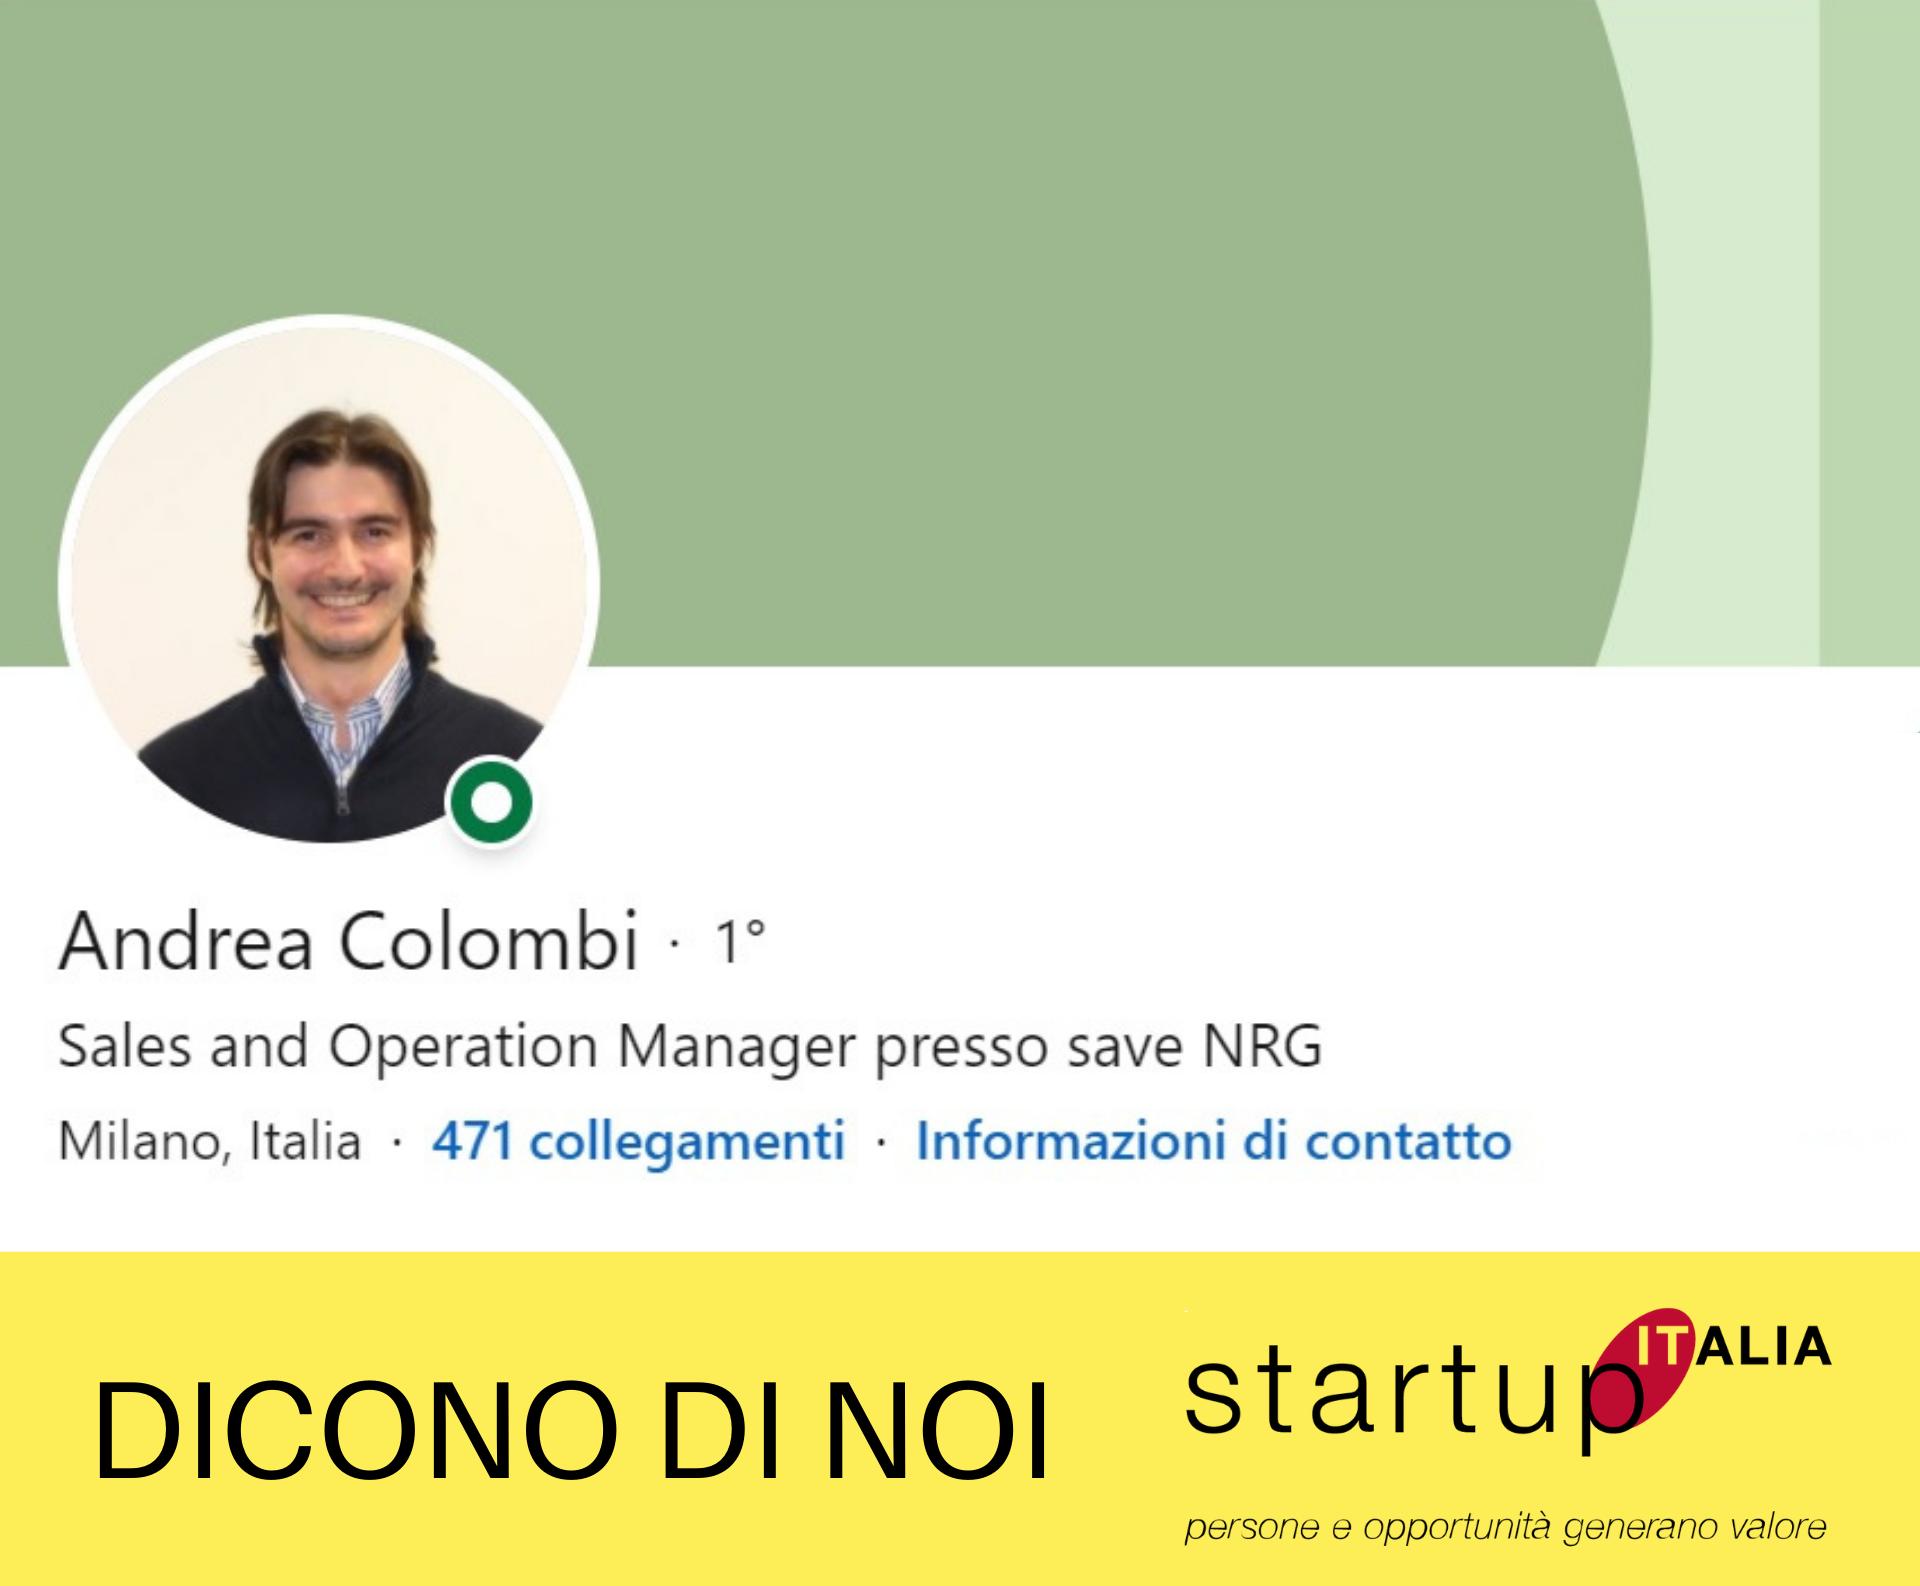 referenze Startup Italia - Andrea Colombi